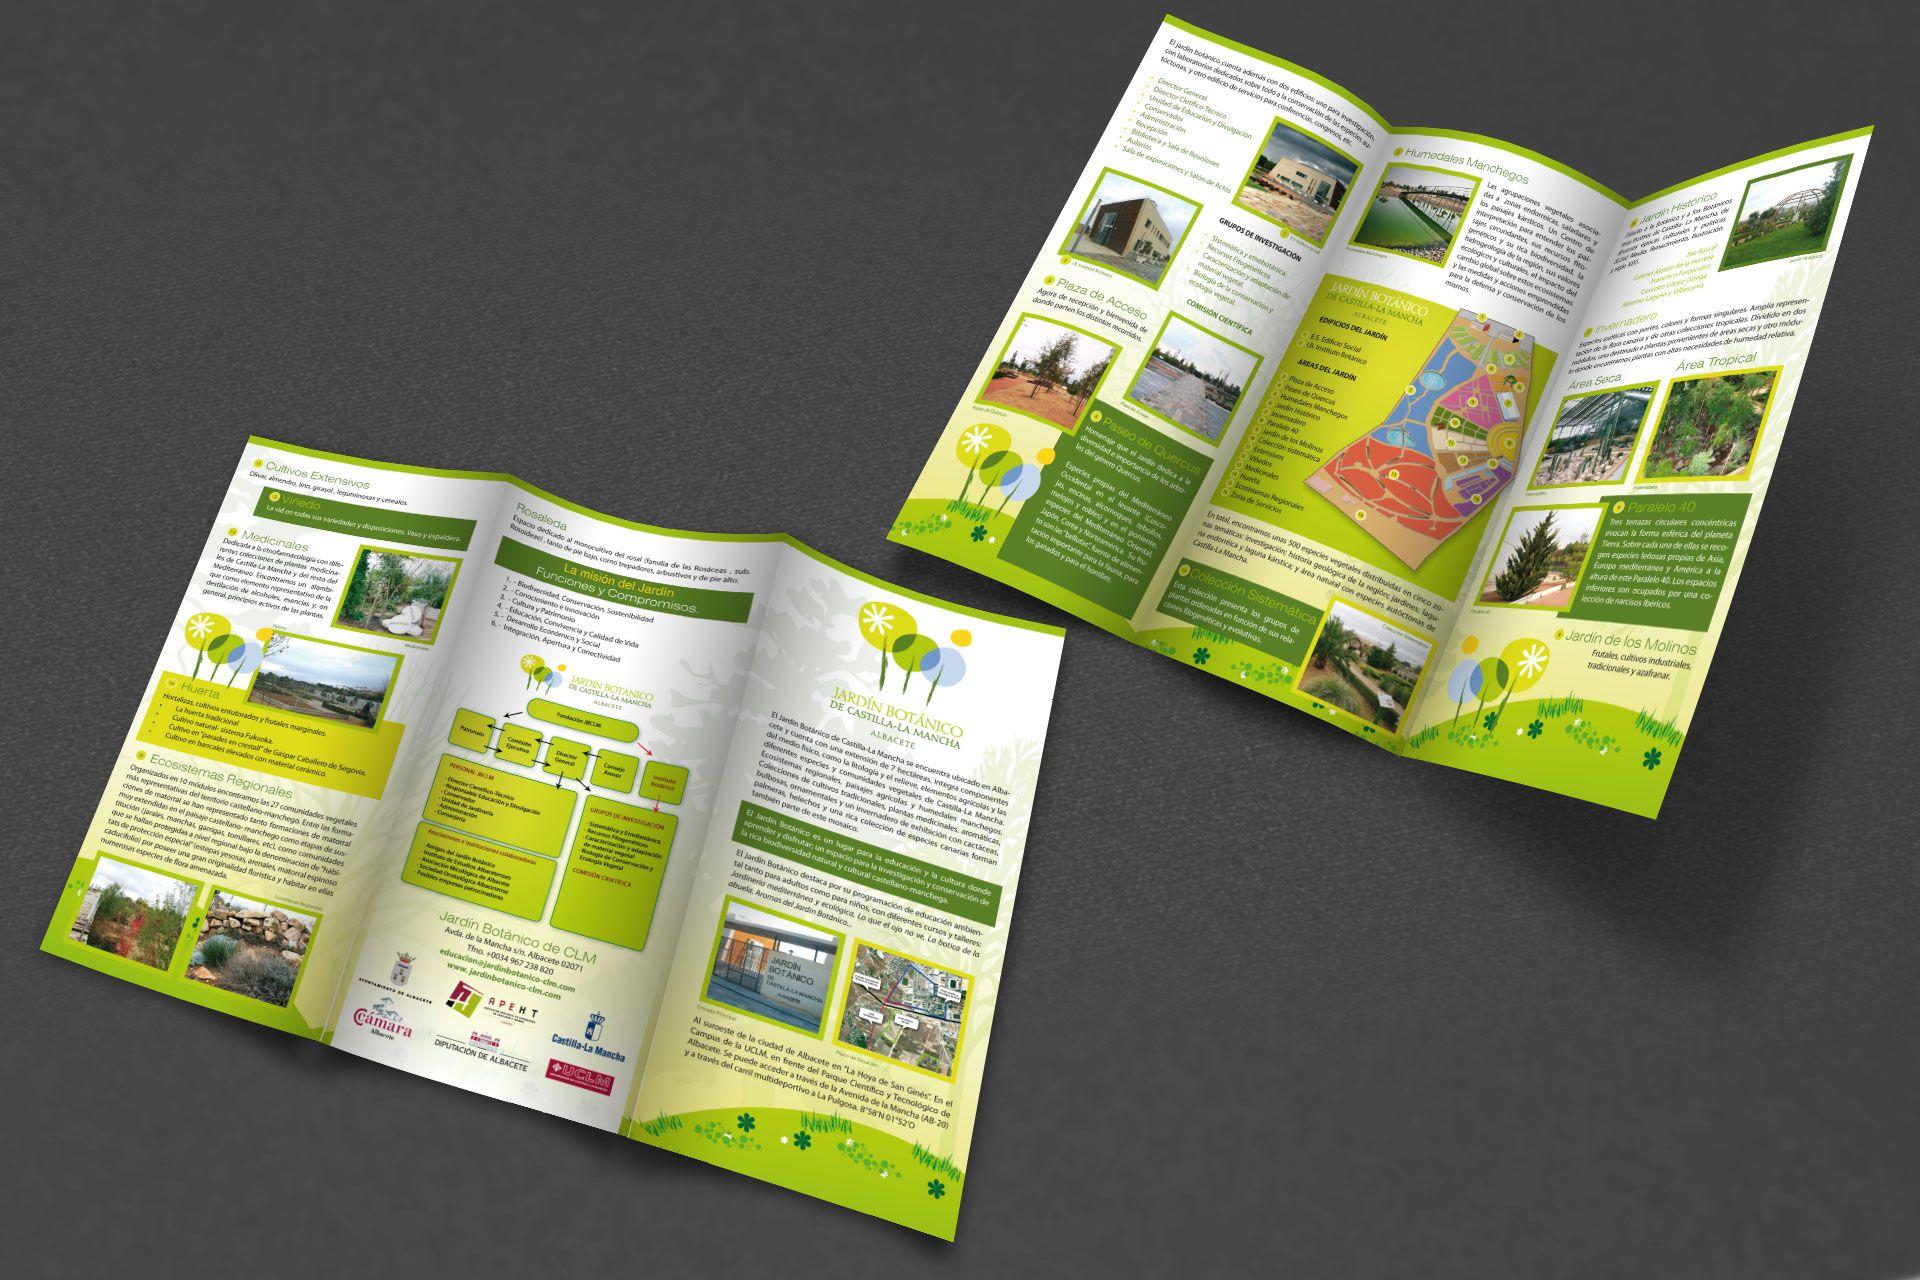 Tr ptico jard n bot nico de castilla la mancha folletos y publicidad impresa trabajo - Jardin botanico de castilla la mancha ...